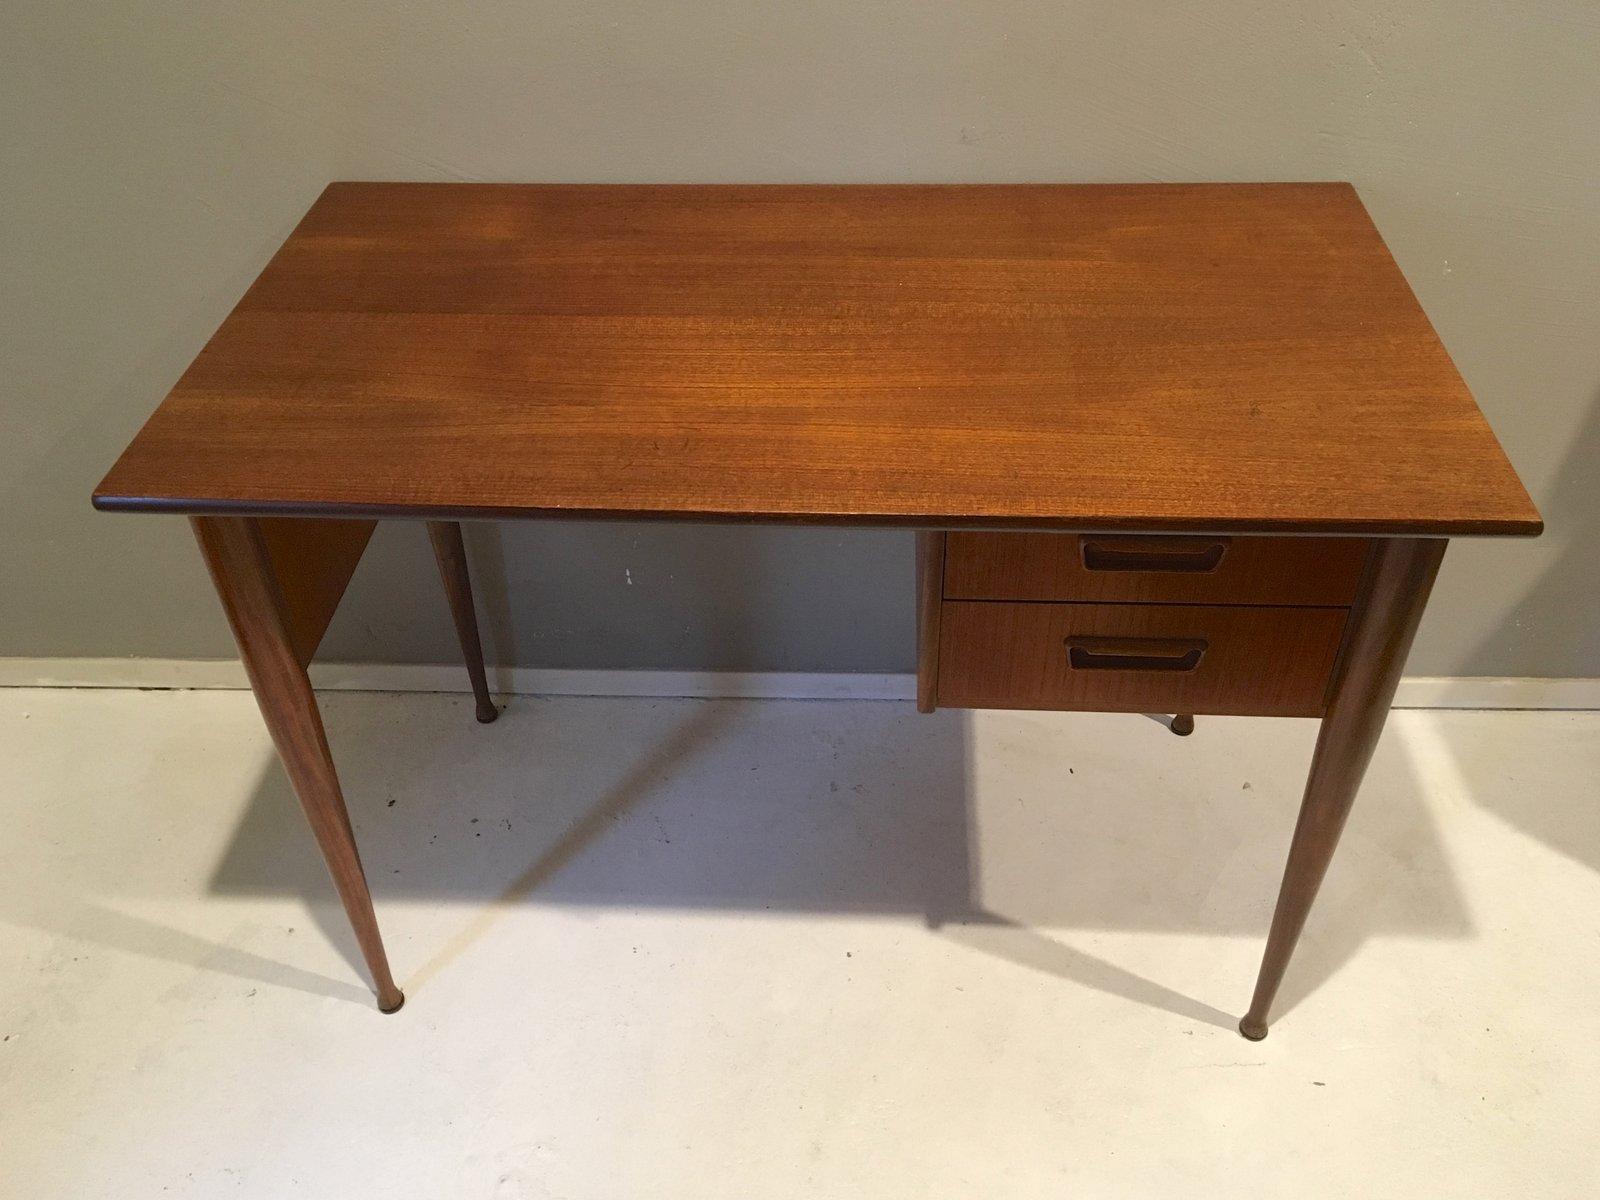 skandinavischer mid century teak schreibtisch bei pamono kaufen. Black Bedroom Furniture Sets. Home Design Ideas